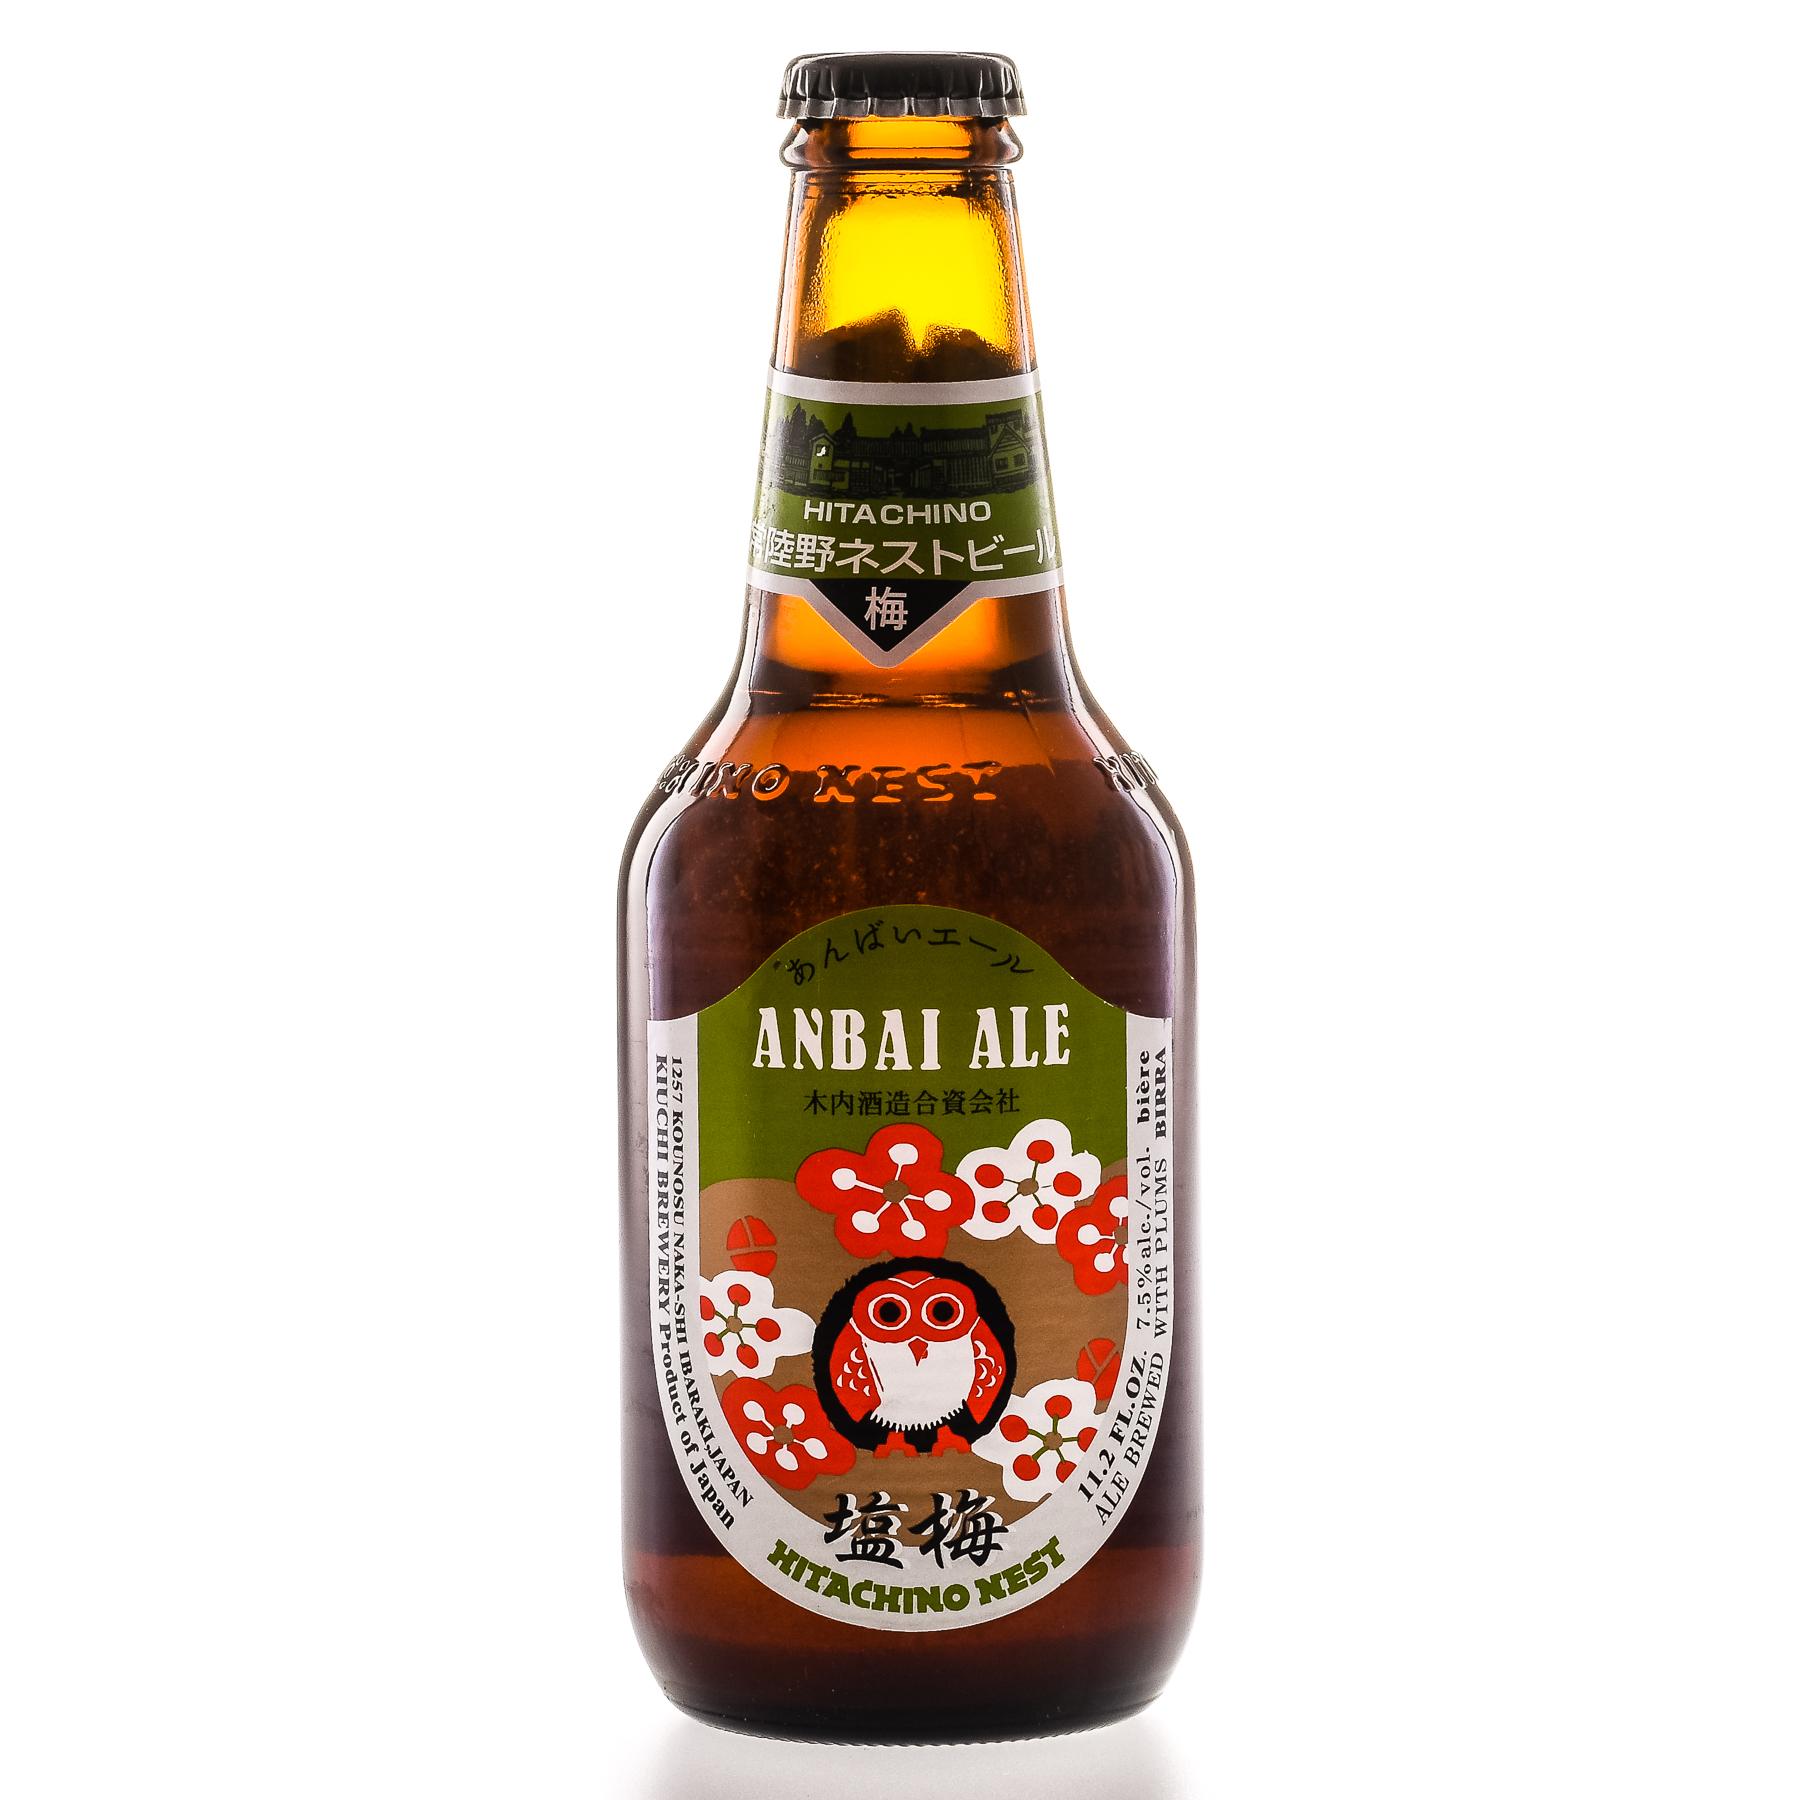 Bière Anbai Ale - Brasserie Hitachino Nest